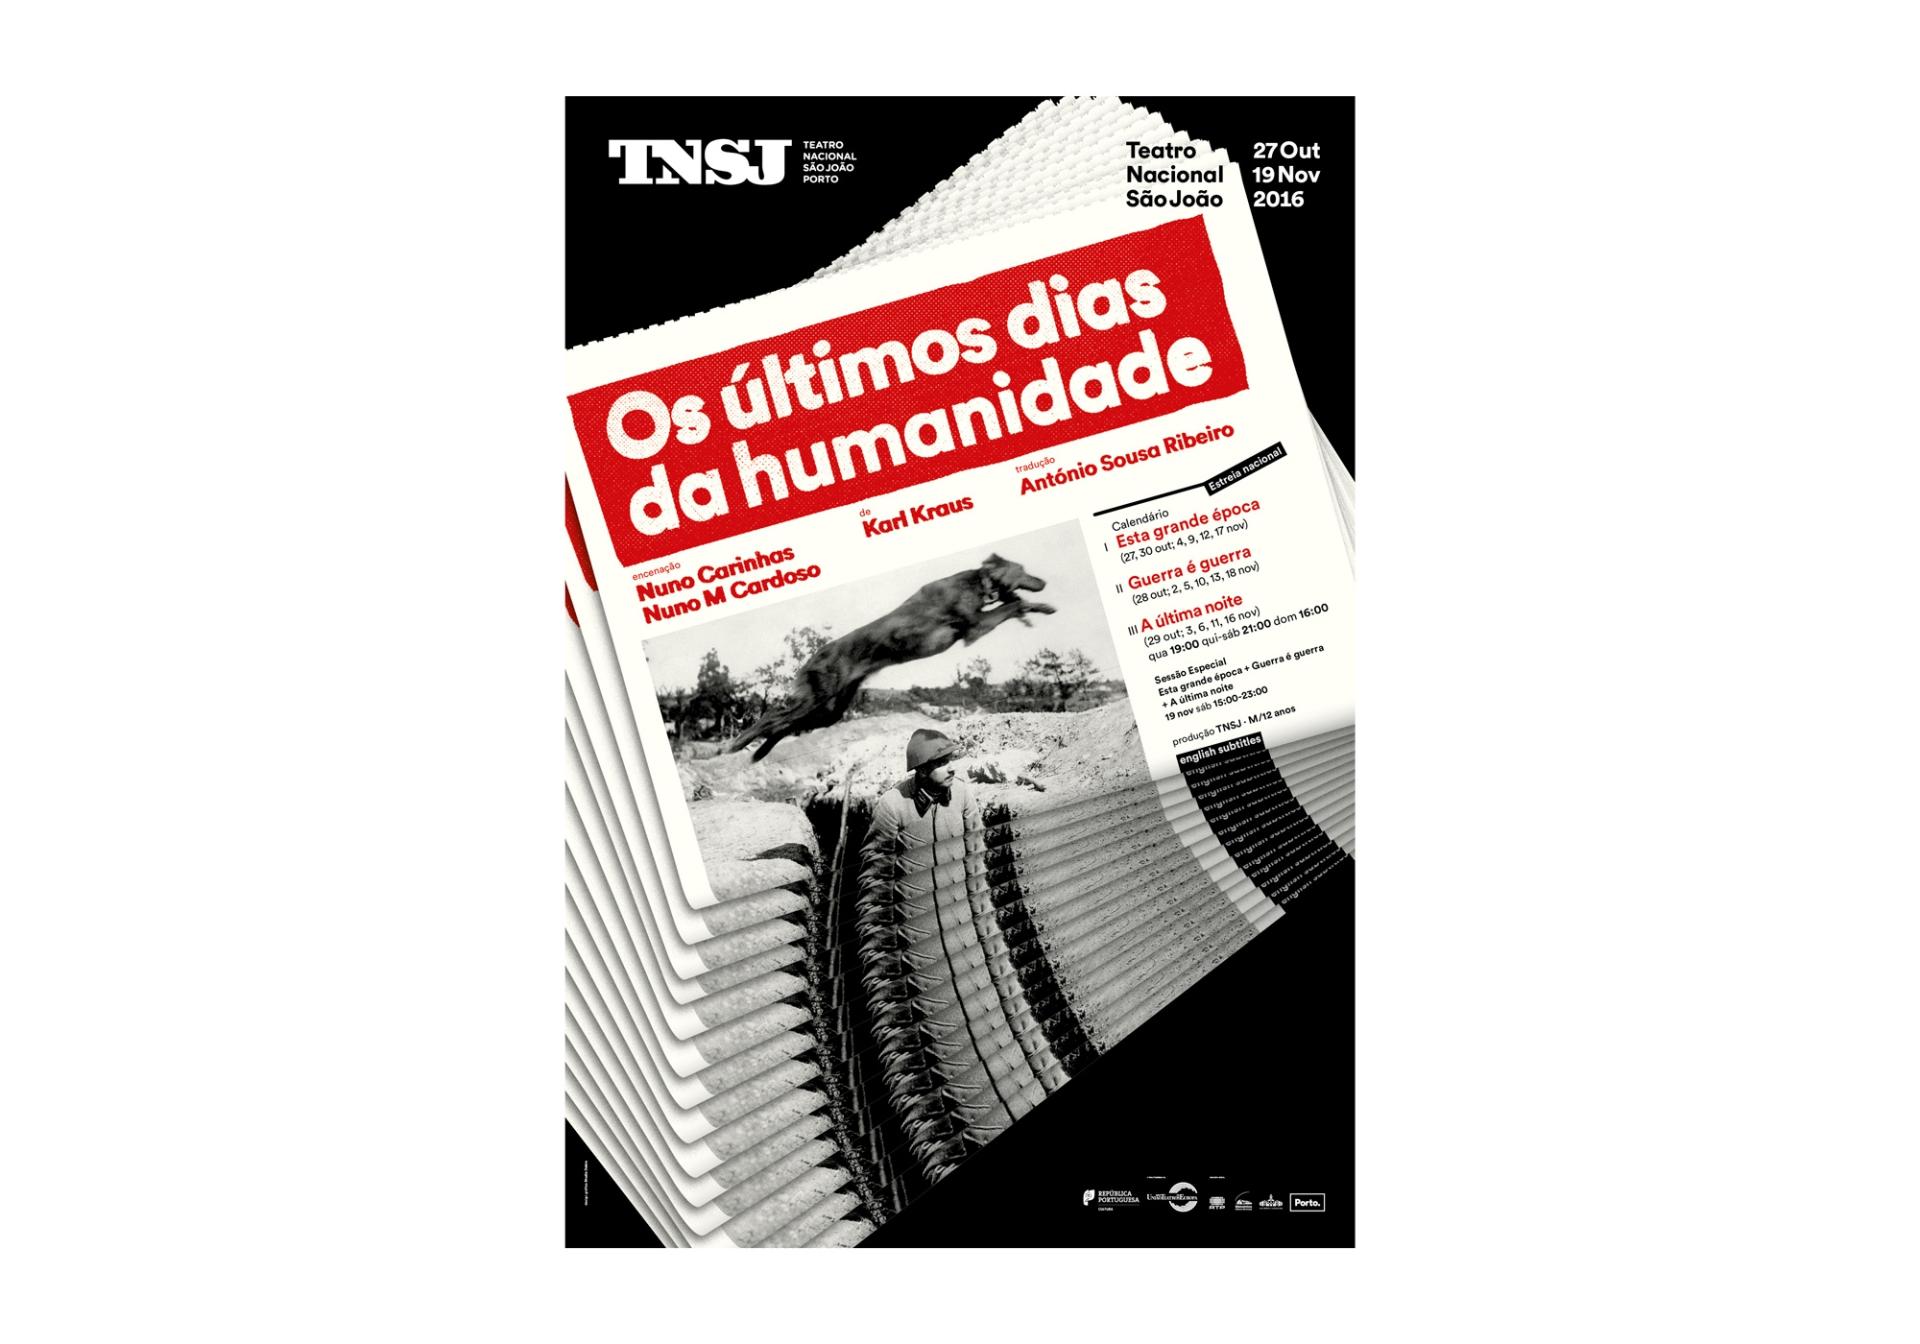 São João National Theatre Posters 2015-2016 Image:1 dobra-tnsj-Humanidade